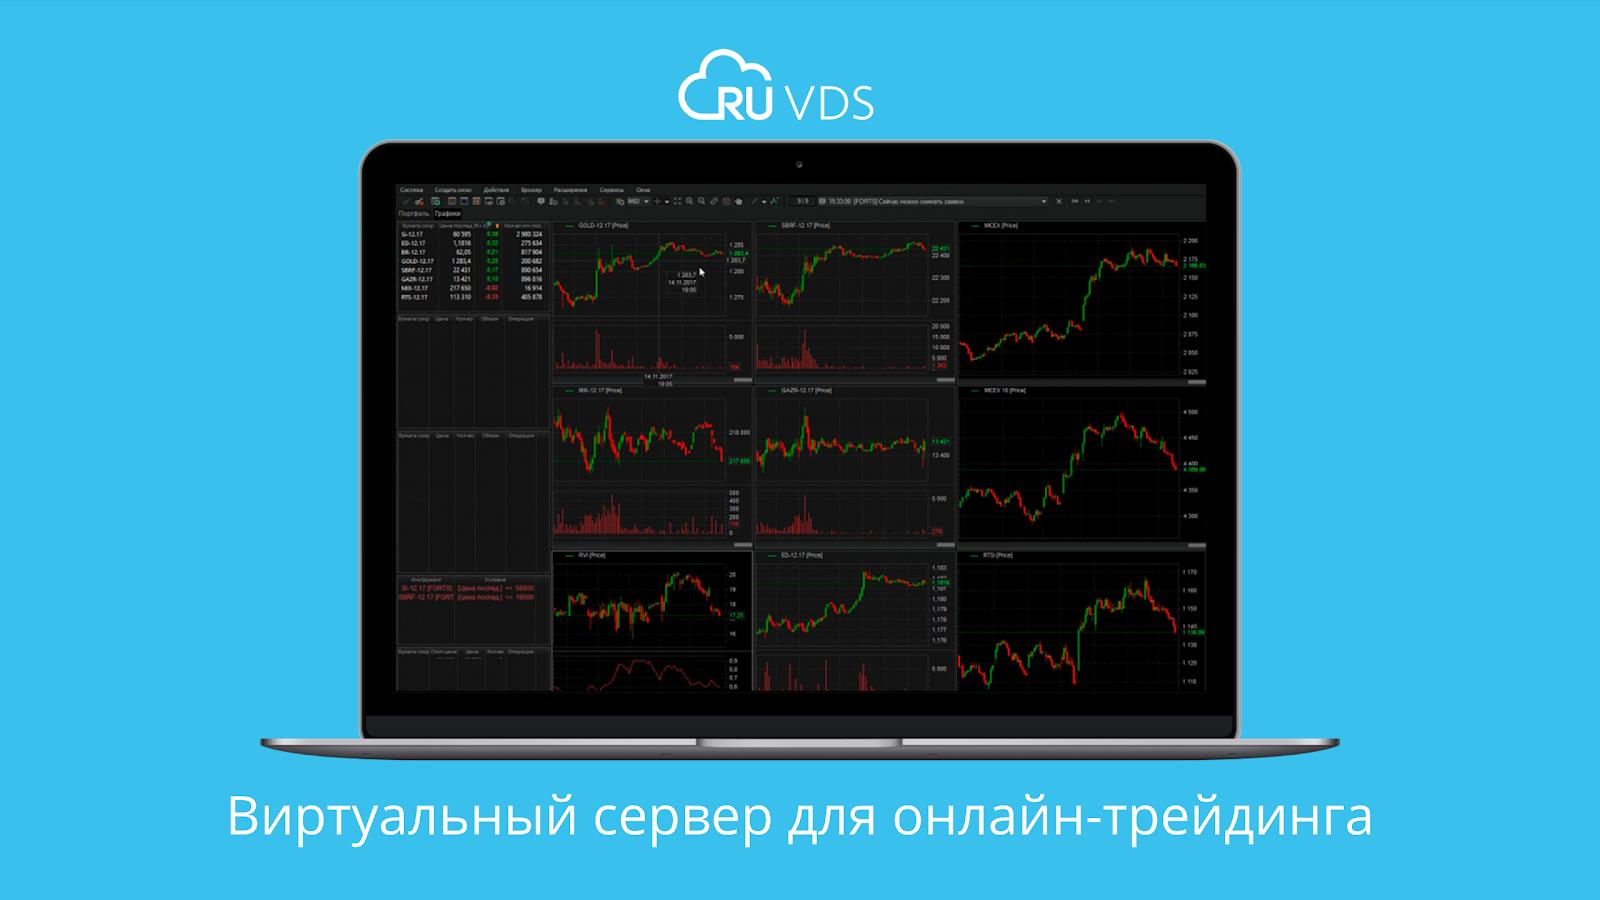 Виртуальный сервер для онлайн-трейдинга - 1